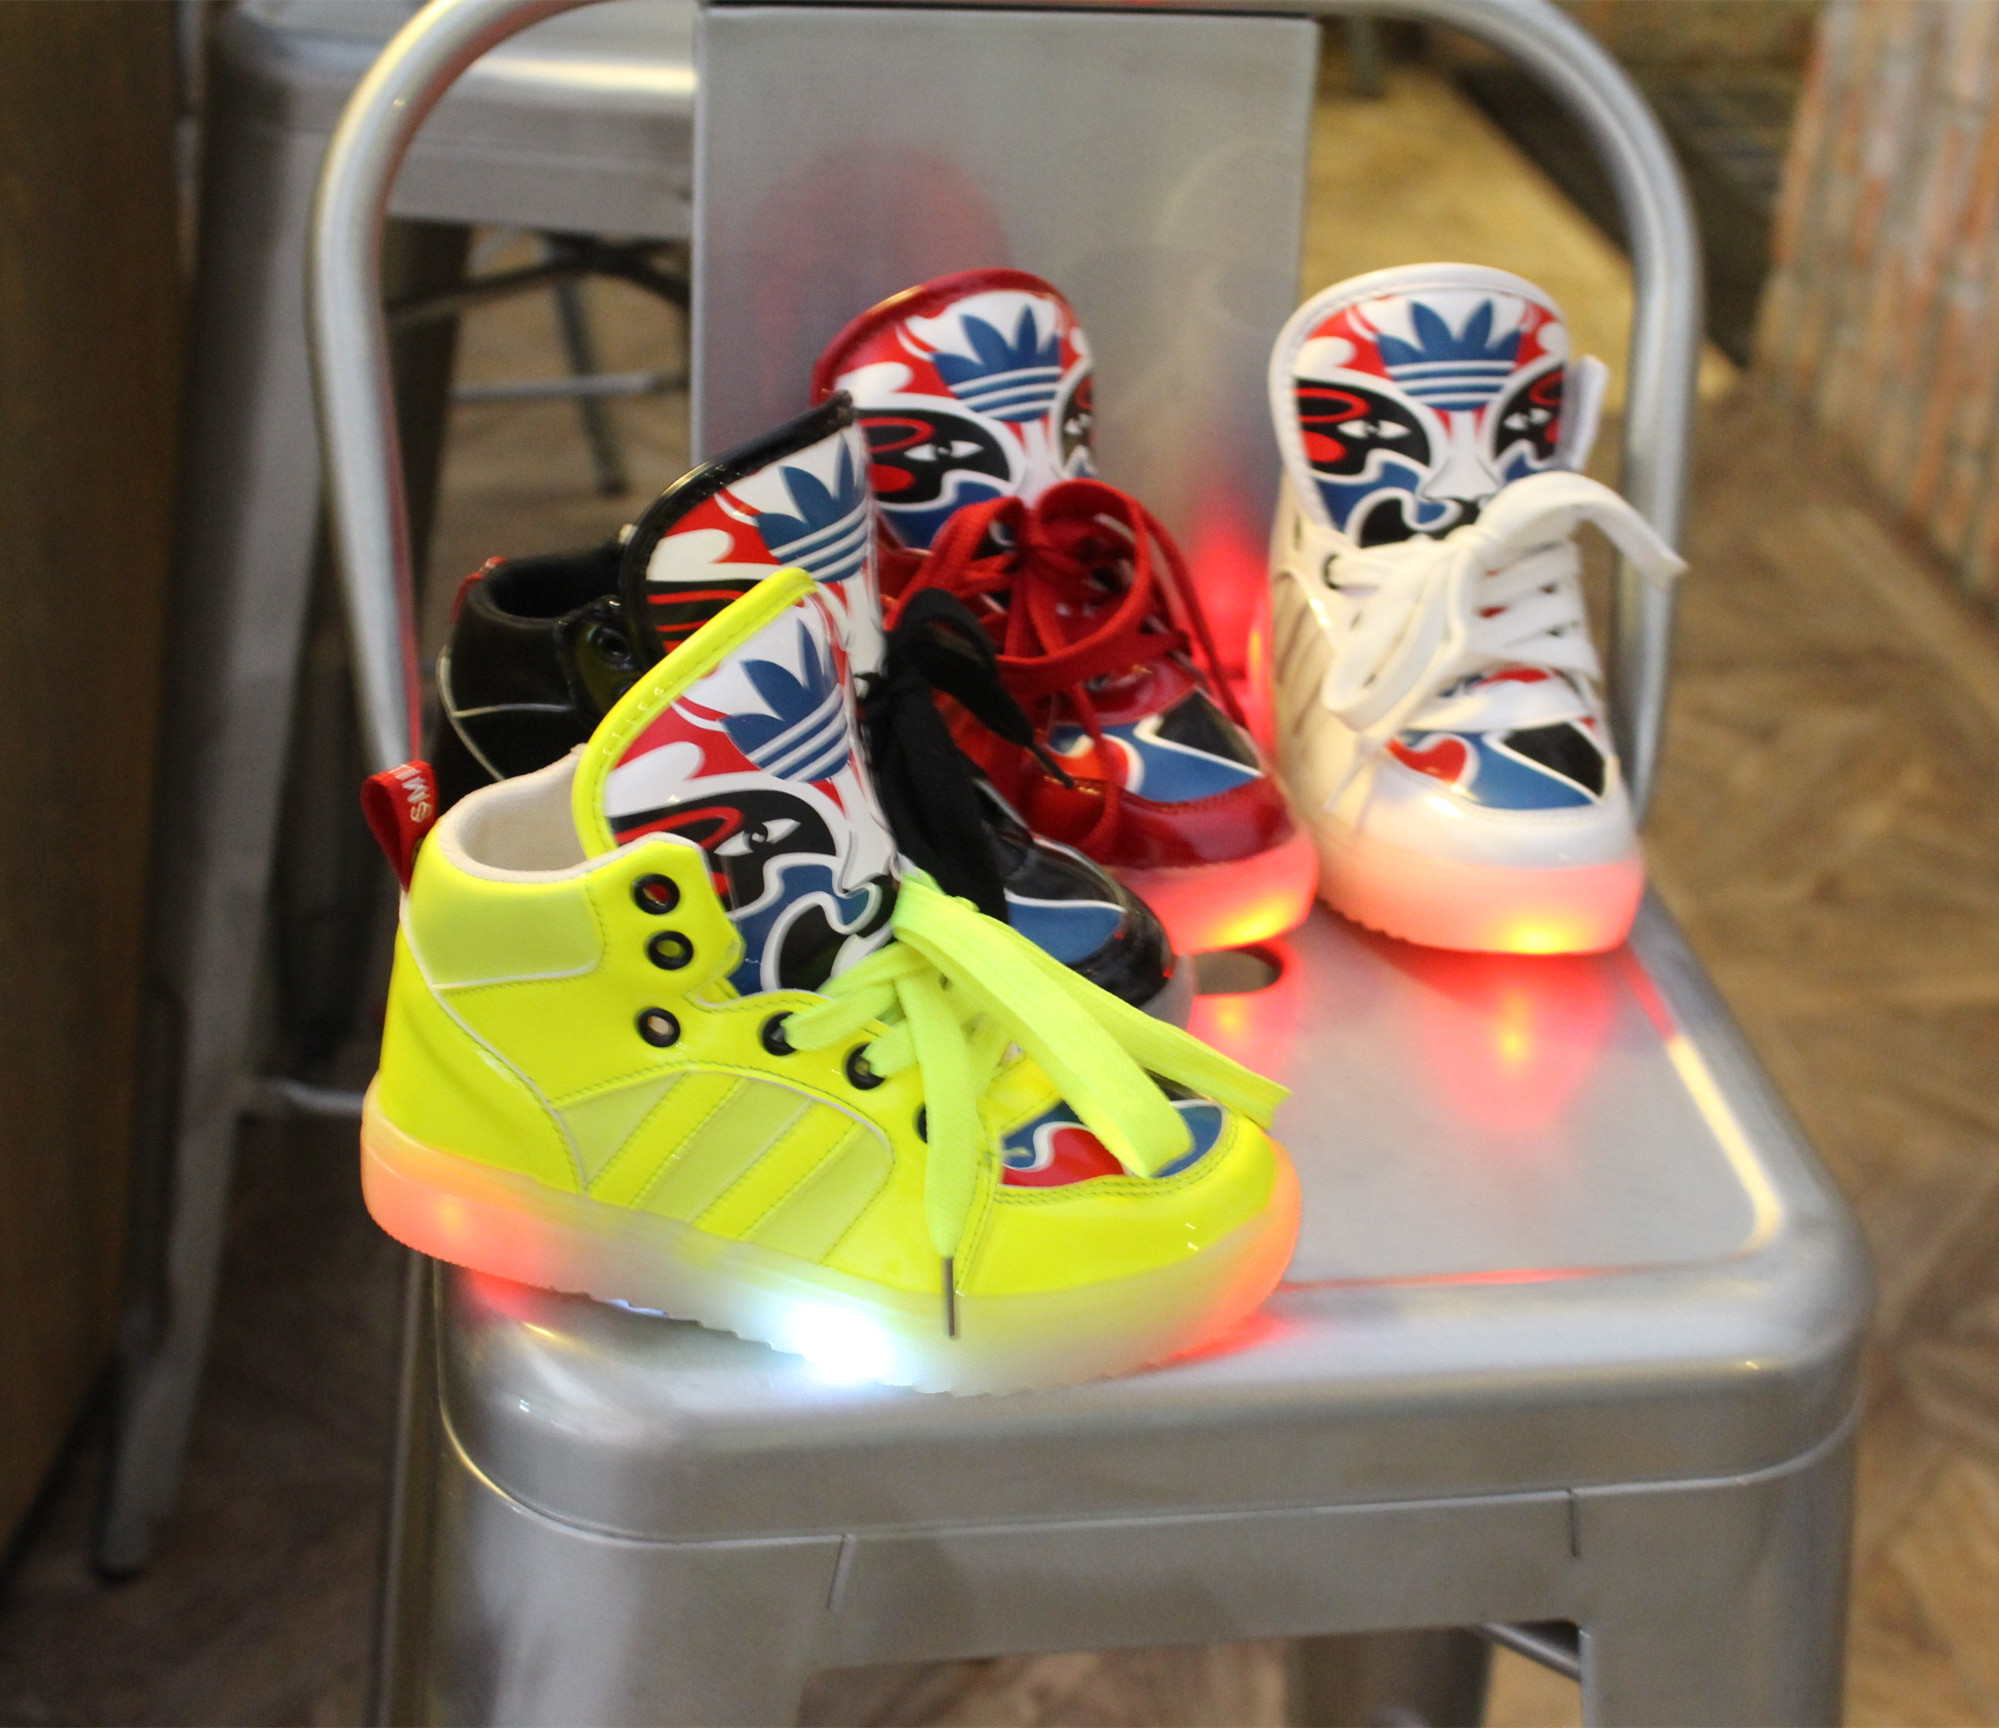 к 2015 году новых детей обувь Европейского прилив яркий светодиод ночные лампы обуви прилив Facebook мальчиков случайный свет Спортивная обувь